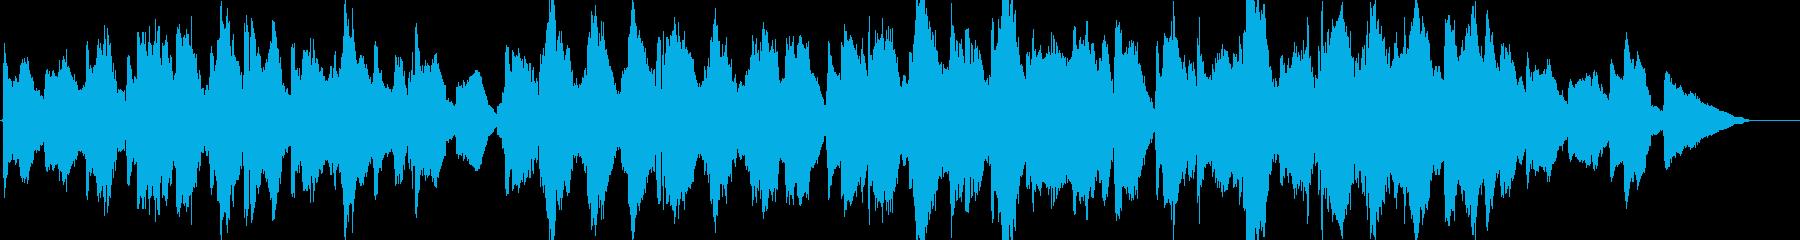 ホラー・悲しげな魔女の森のオーケストラの再生済みの波形